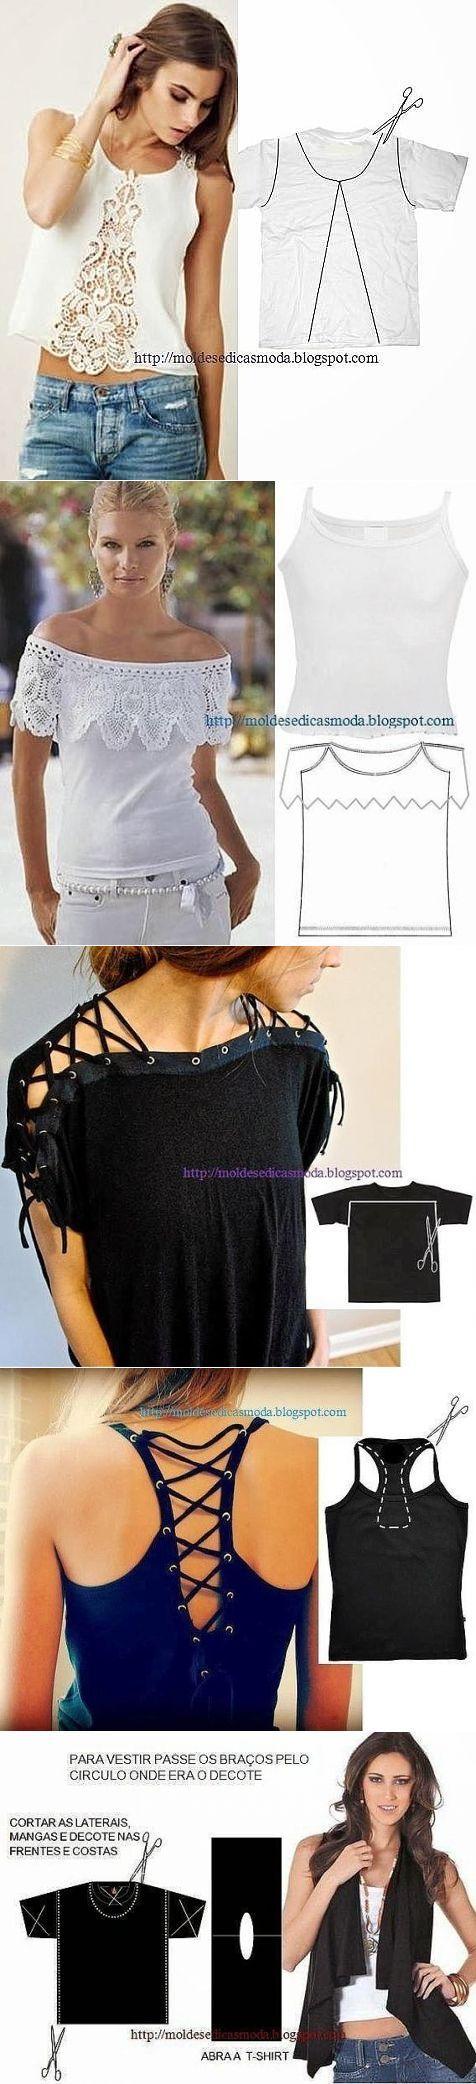 customizando blusas